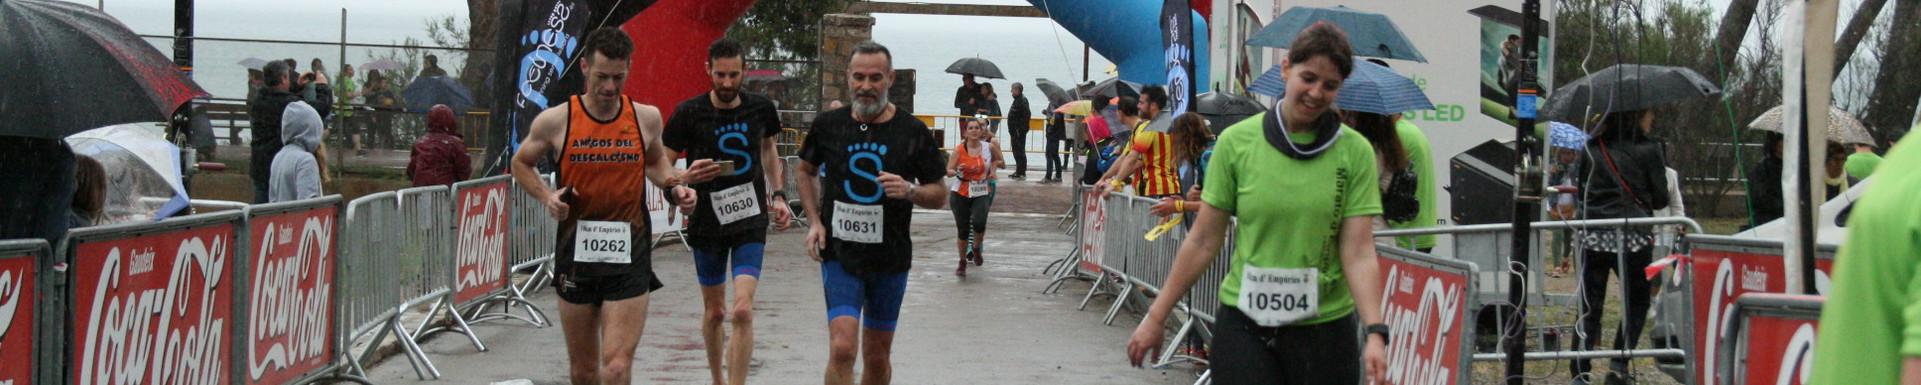 llegadaAlberto-Carlos-Jordi1.JPG